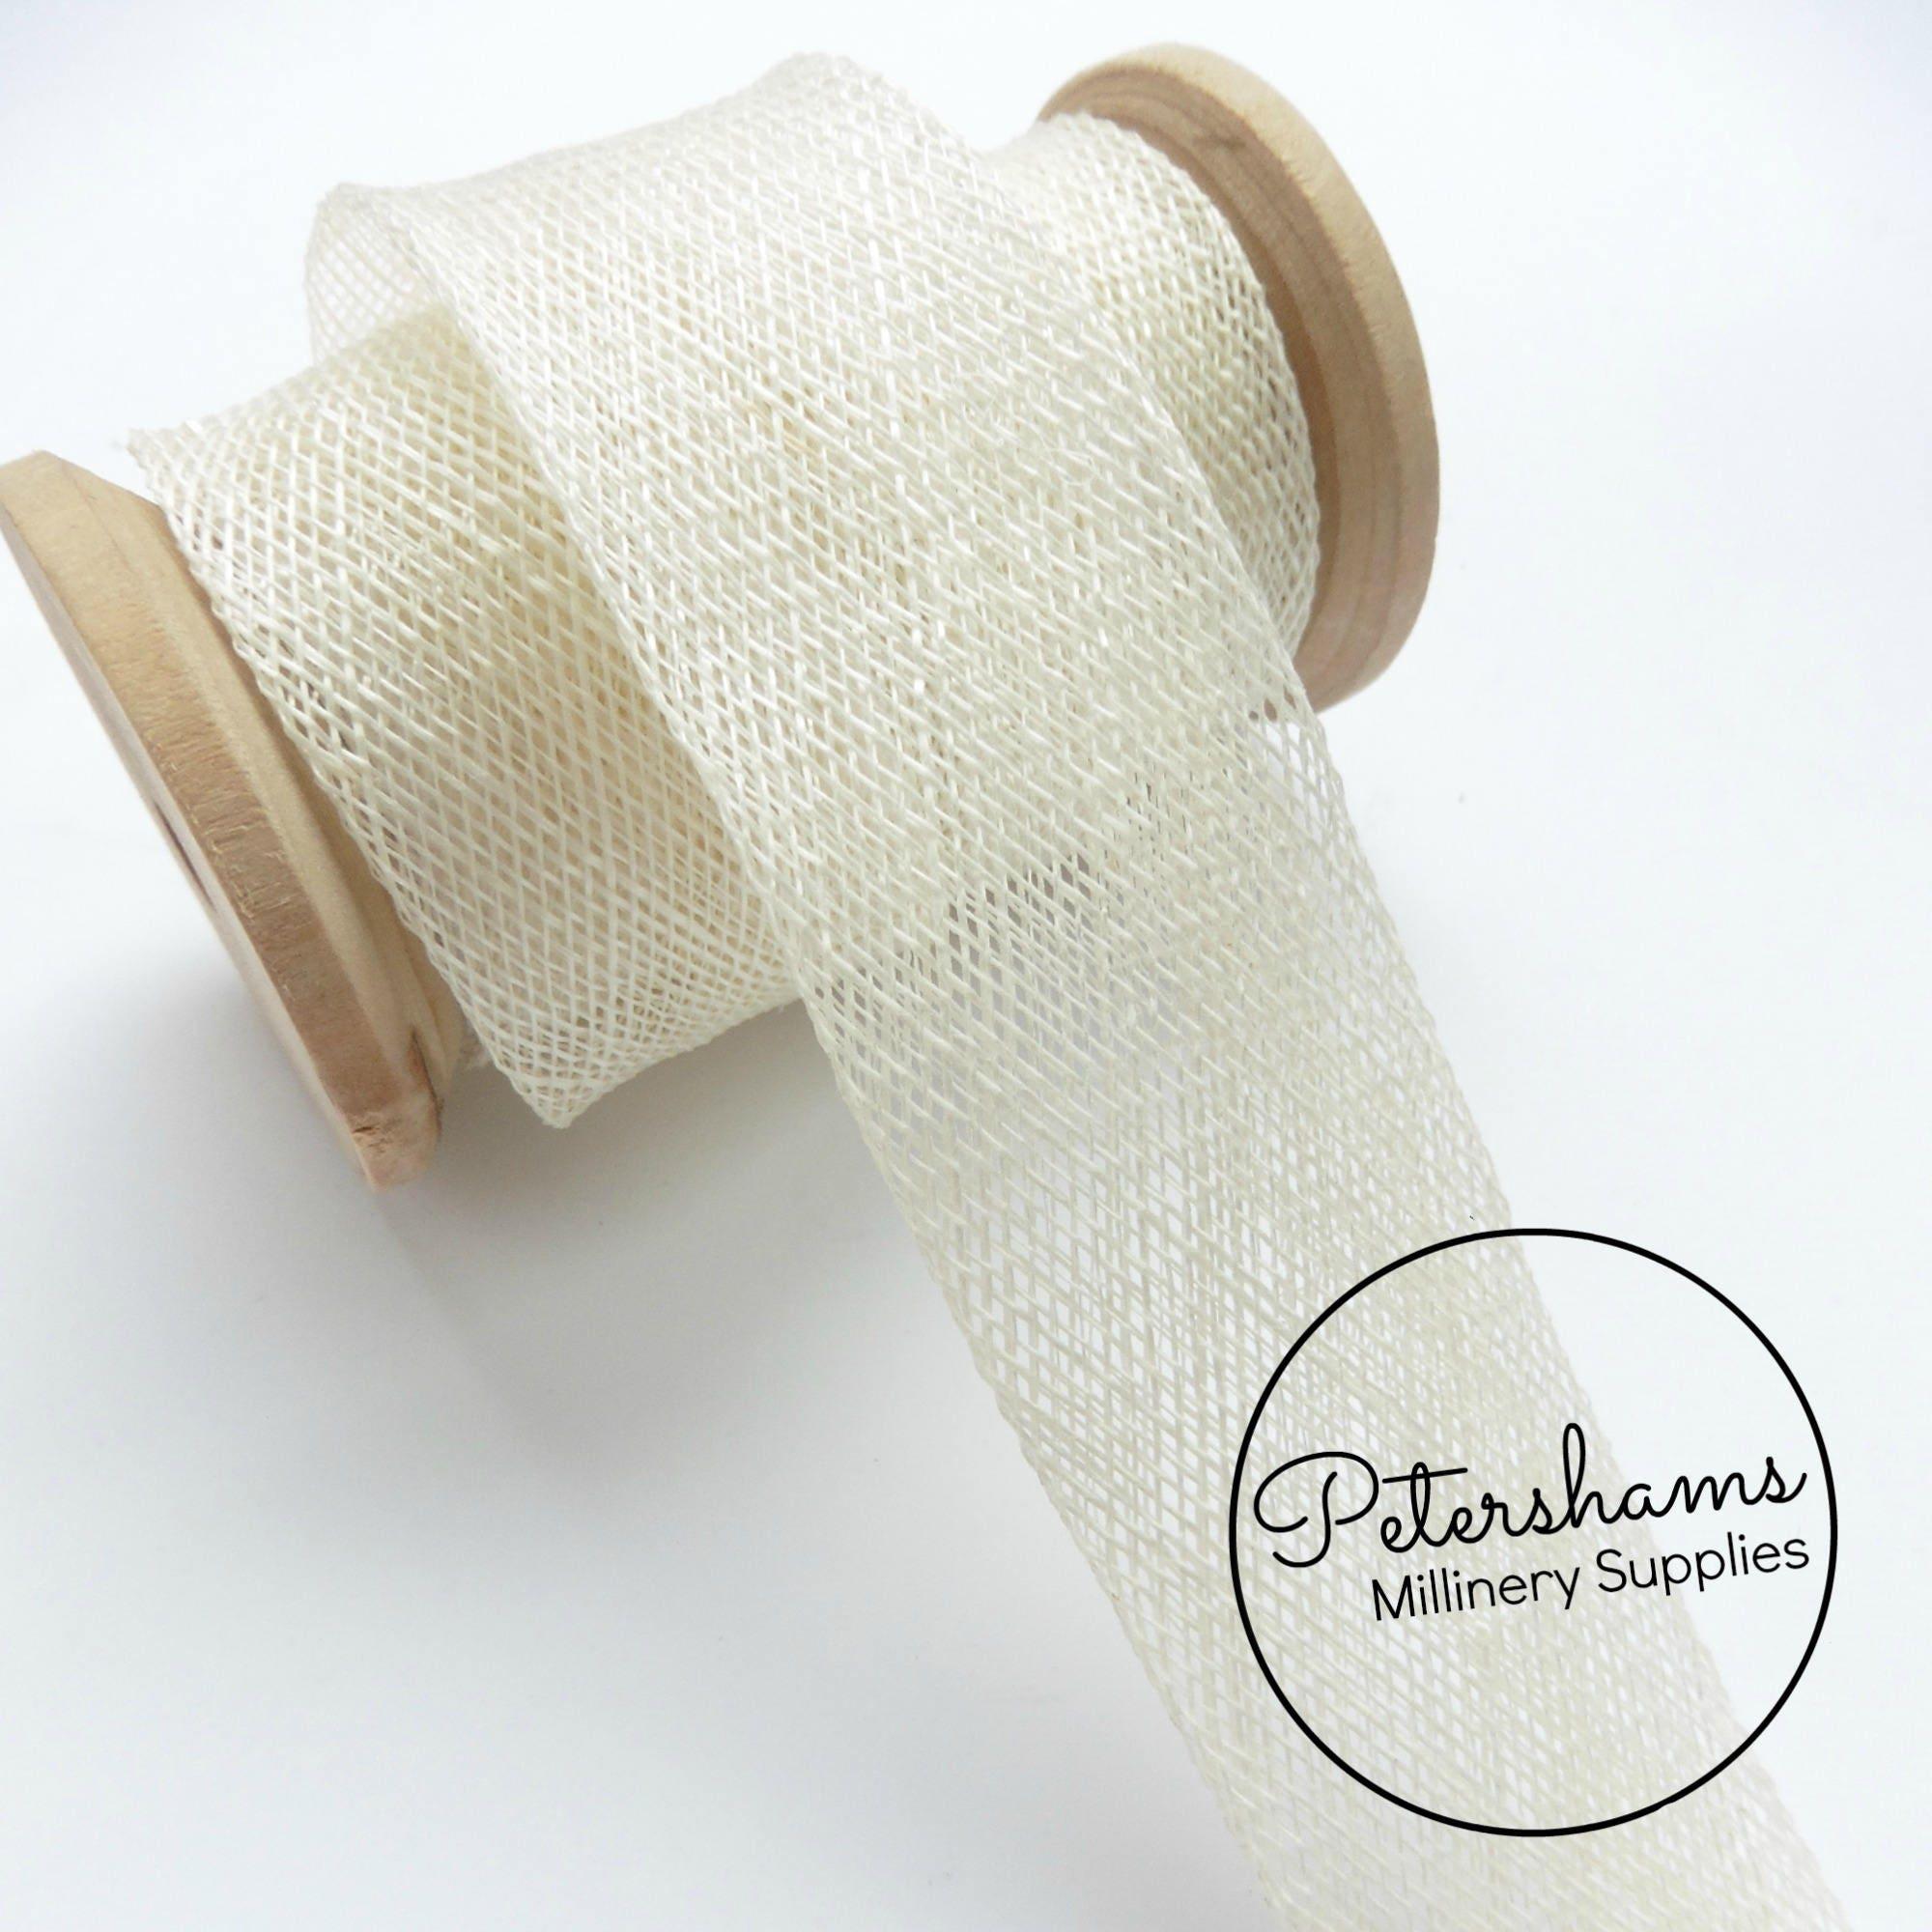 3cm Sinamay Bias Binding Tape Strip 1.6m/1.7yards For